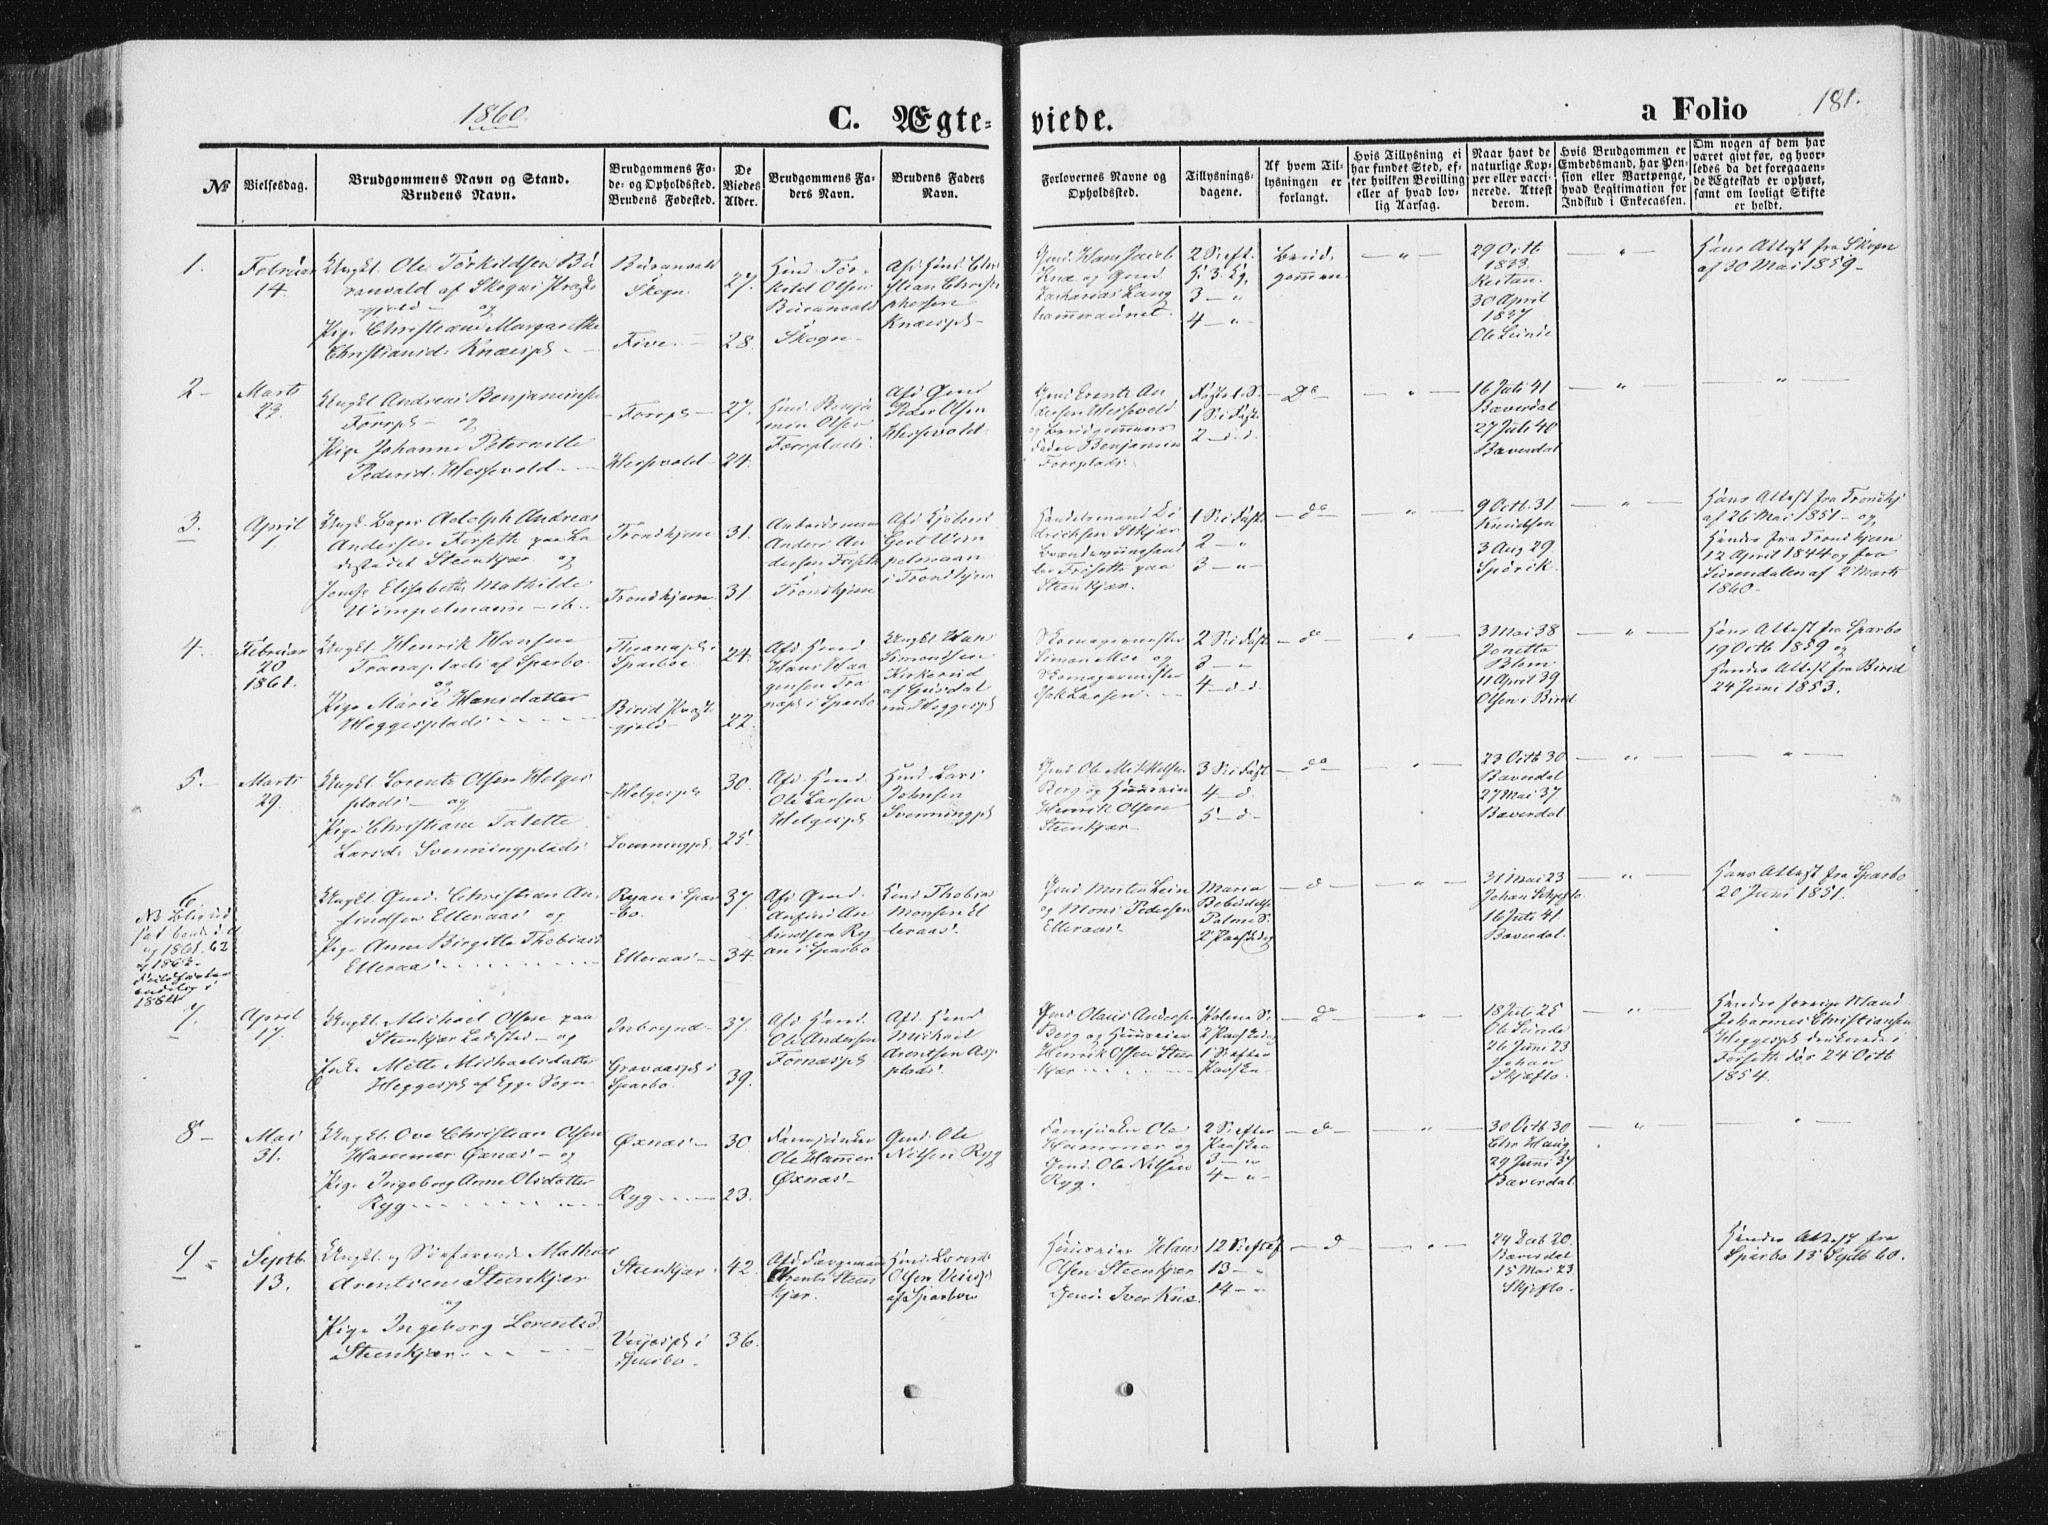 SAT, Ministerialprotokoller, klokkerbøker og fødselsregistre - Nord-Trøndelag, 746/L0447: Ministerialbok nr. 746A06, 1860-1877, s. 181